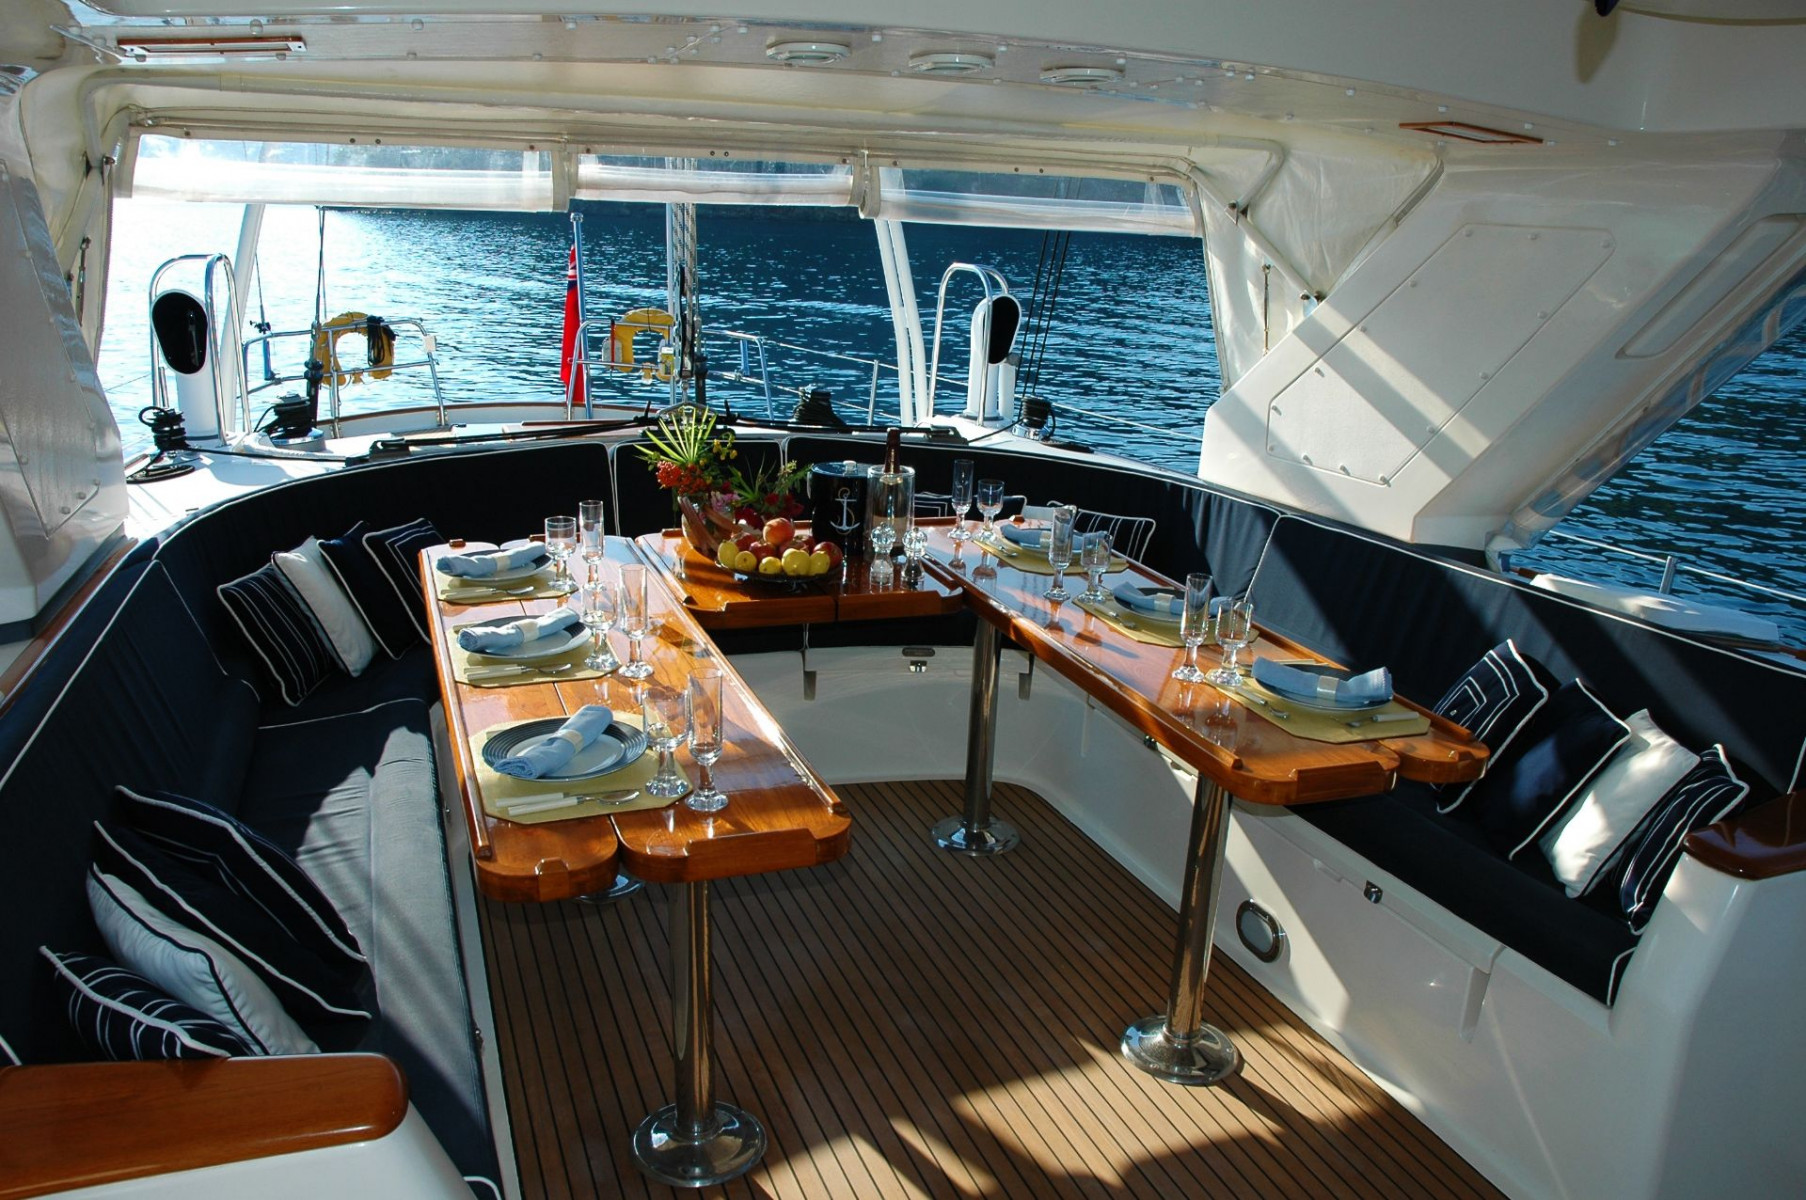 Cena esclusiva e giro in yacht a Castellammare di Stabia